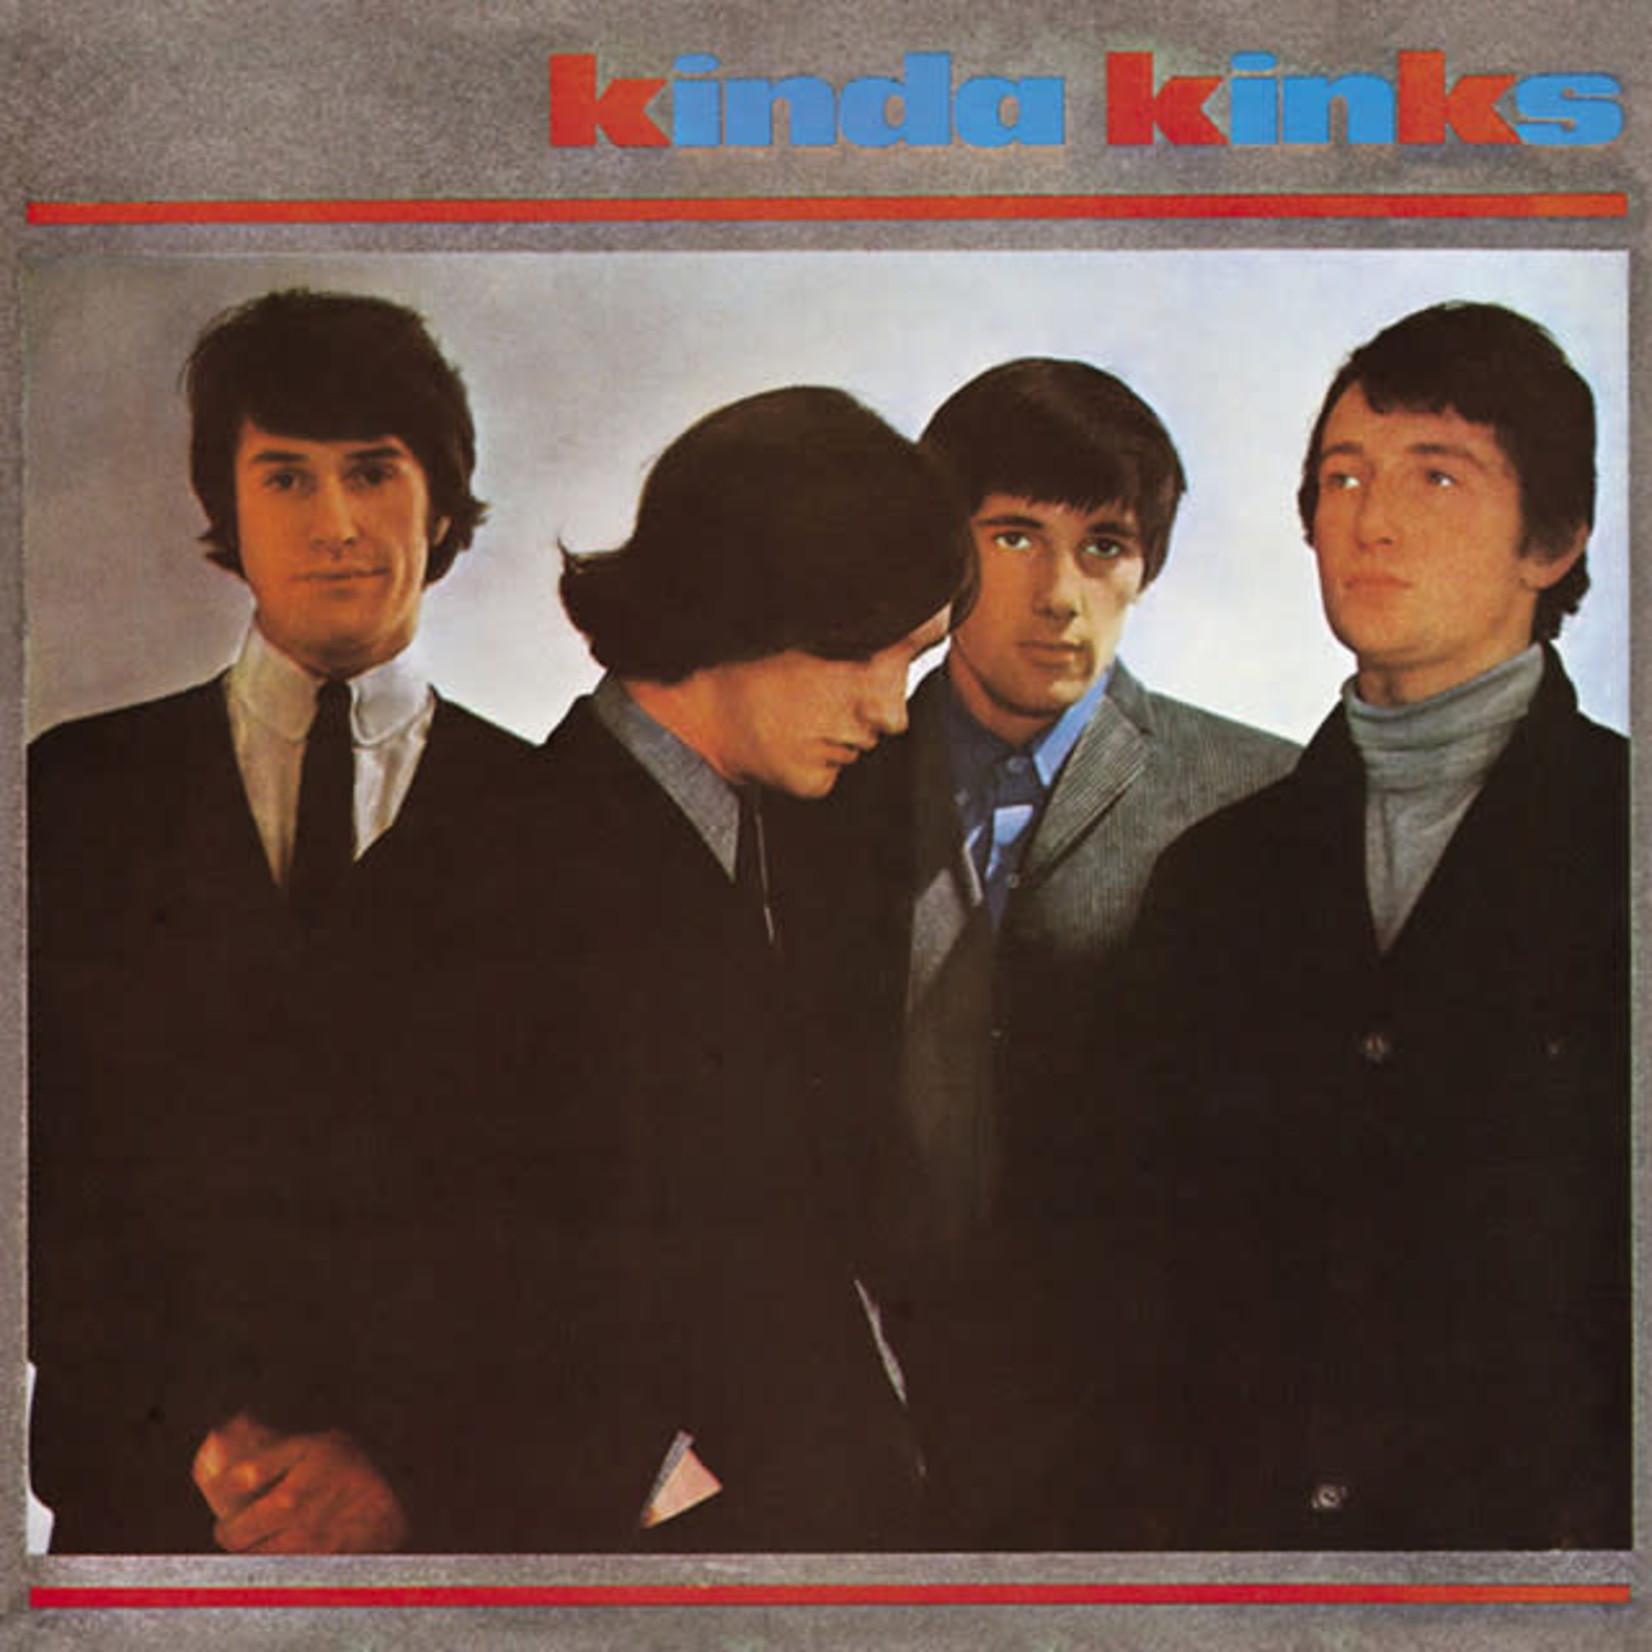 Vinyl The Kinks - Kinda Kinks